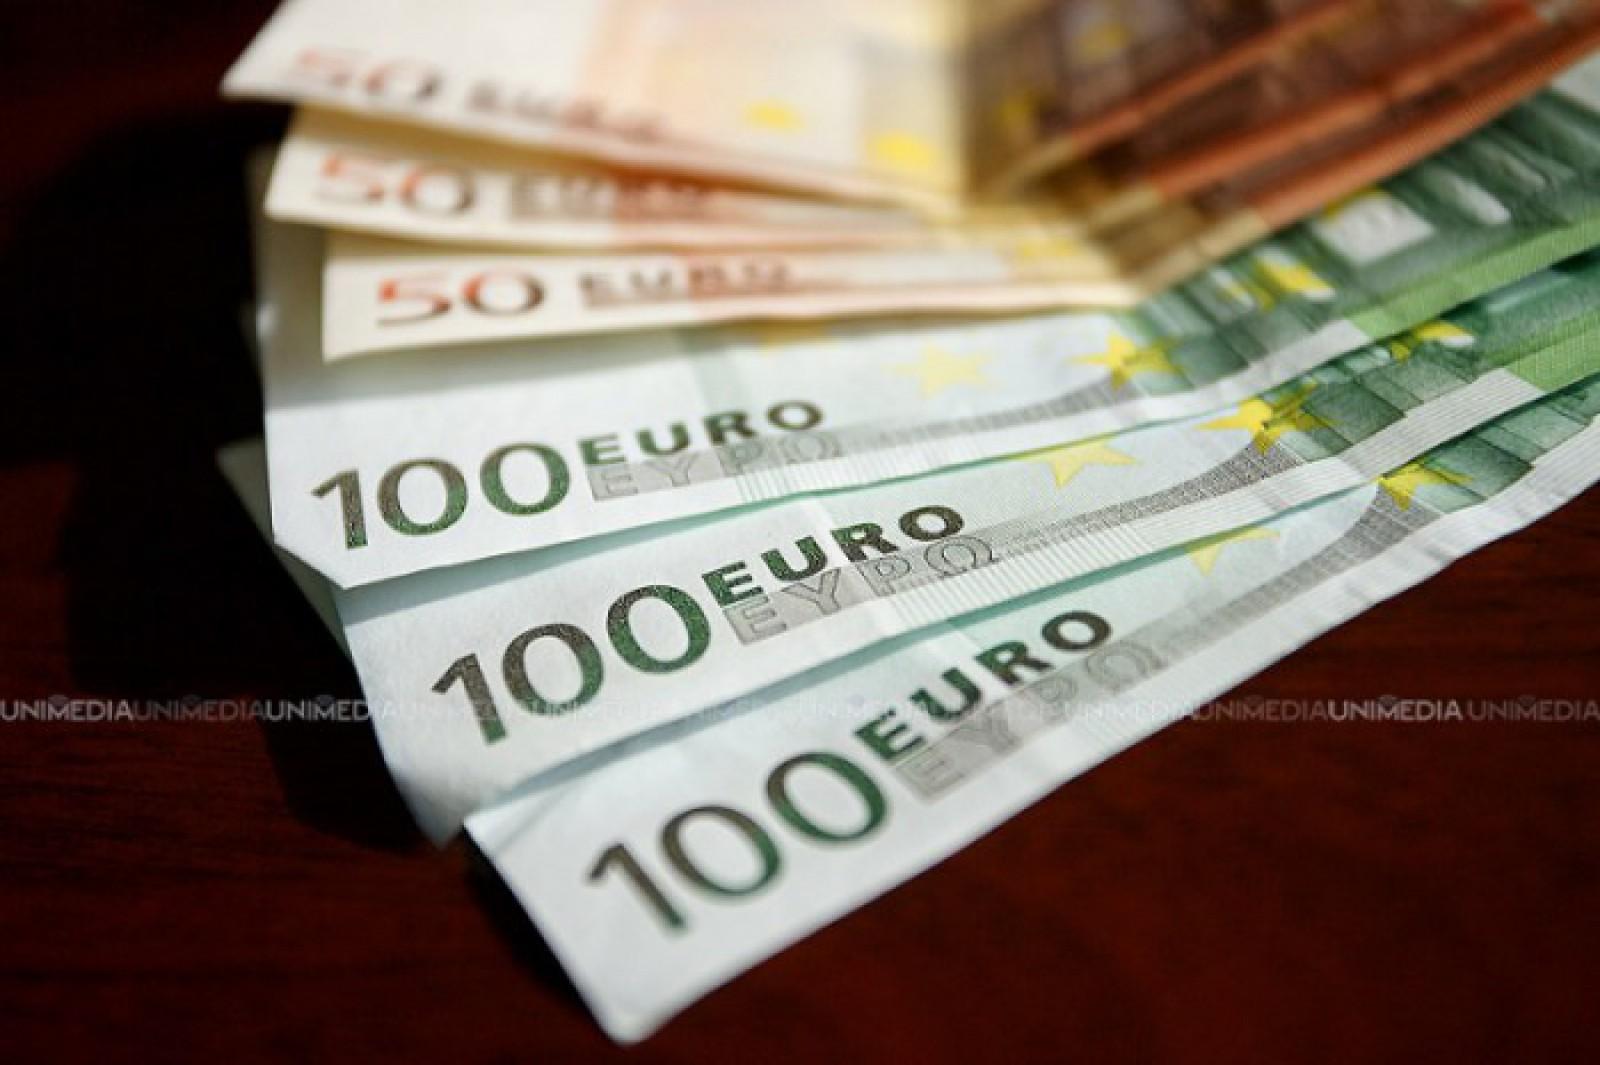 Curs valutar: Leul moldovenesc pierde teren în fața principalelor valute de referință